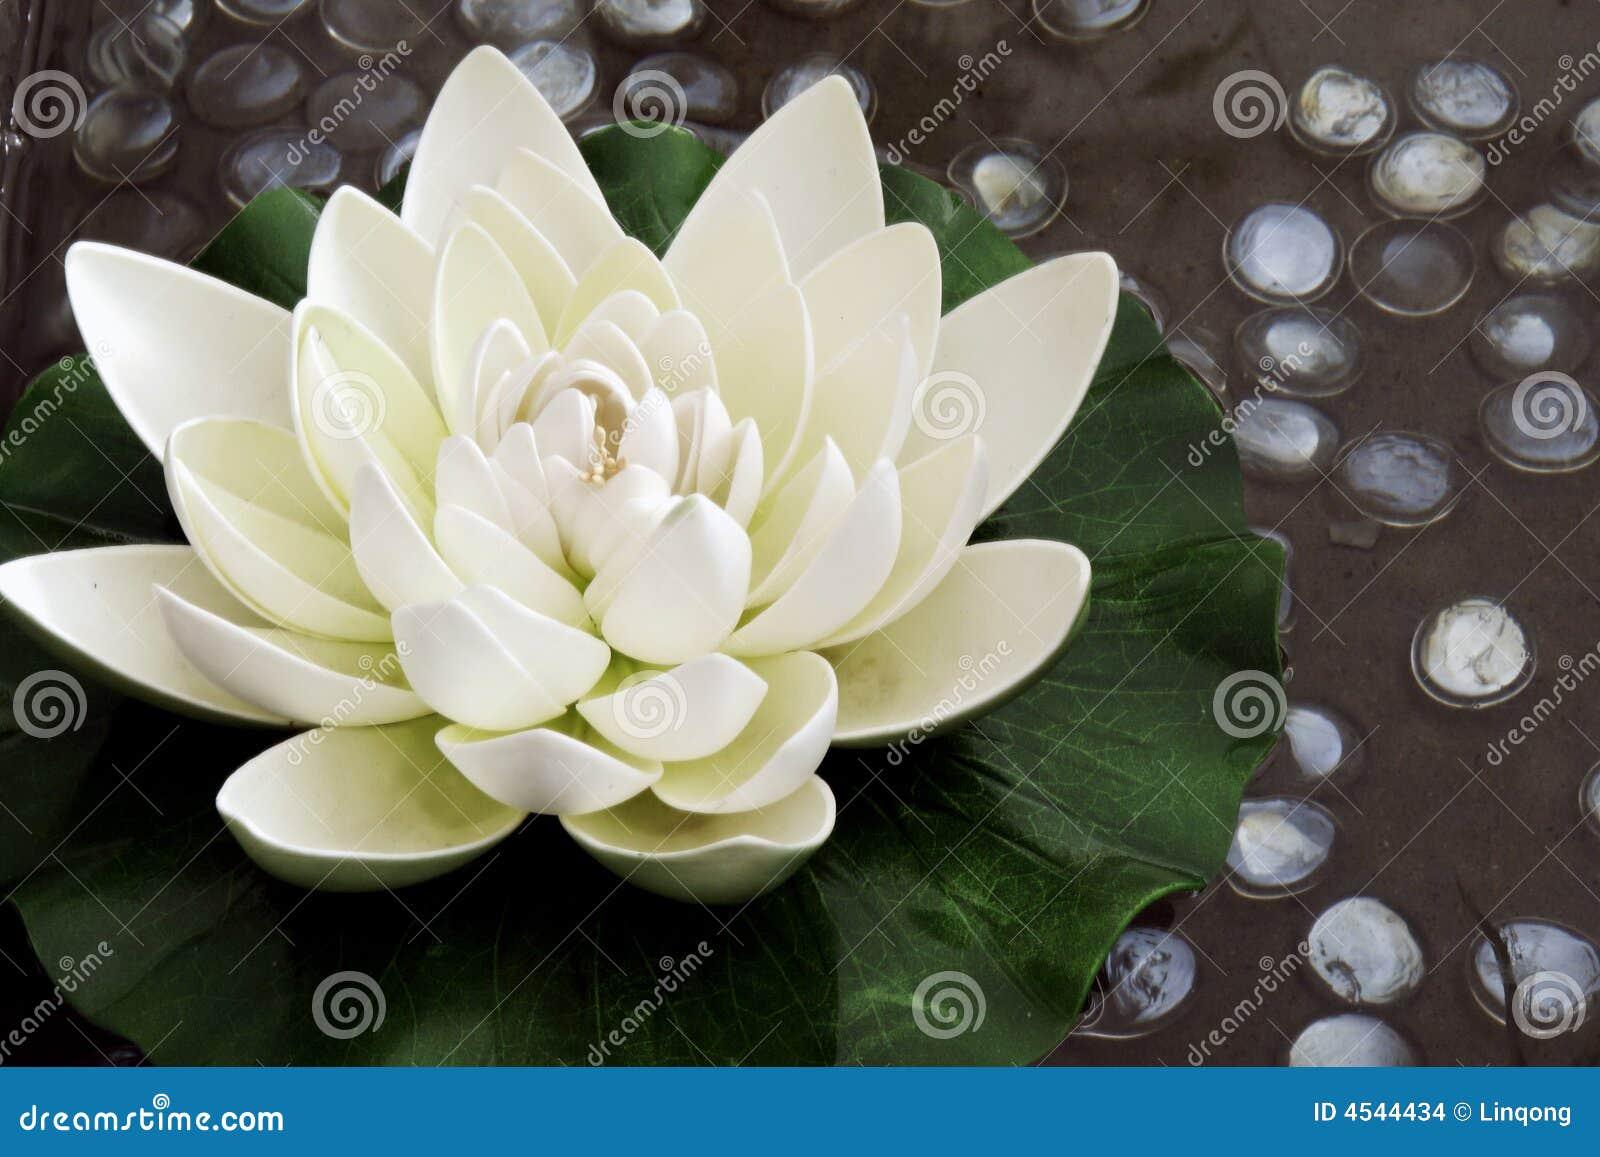 Lotus Wedding Flowers Flowers Gallery